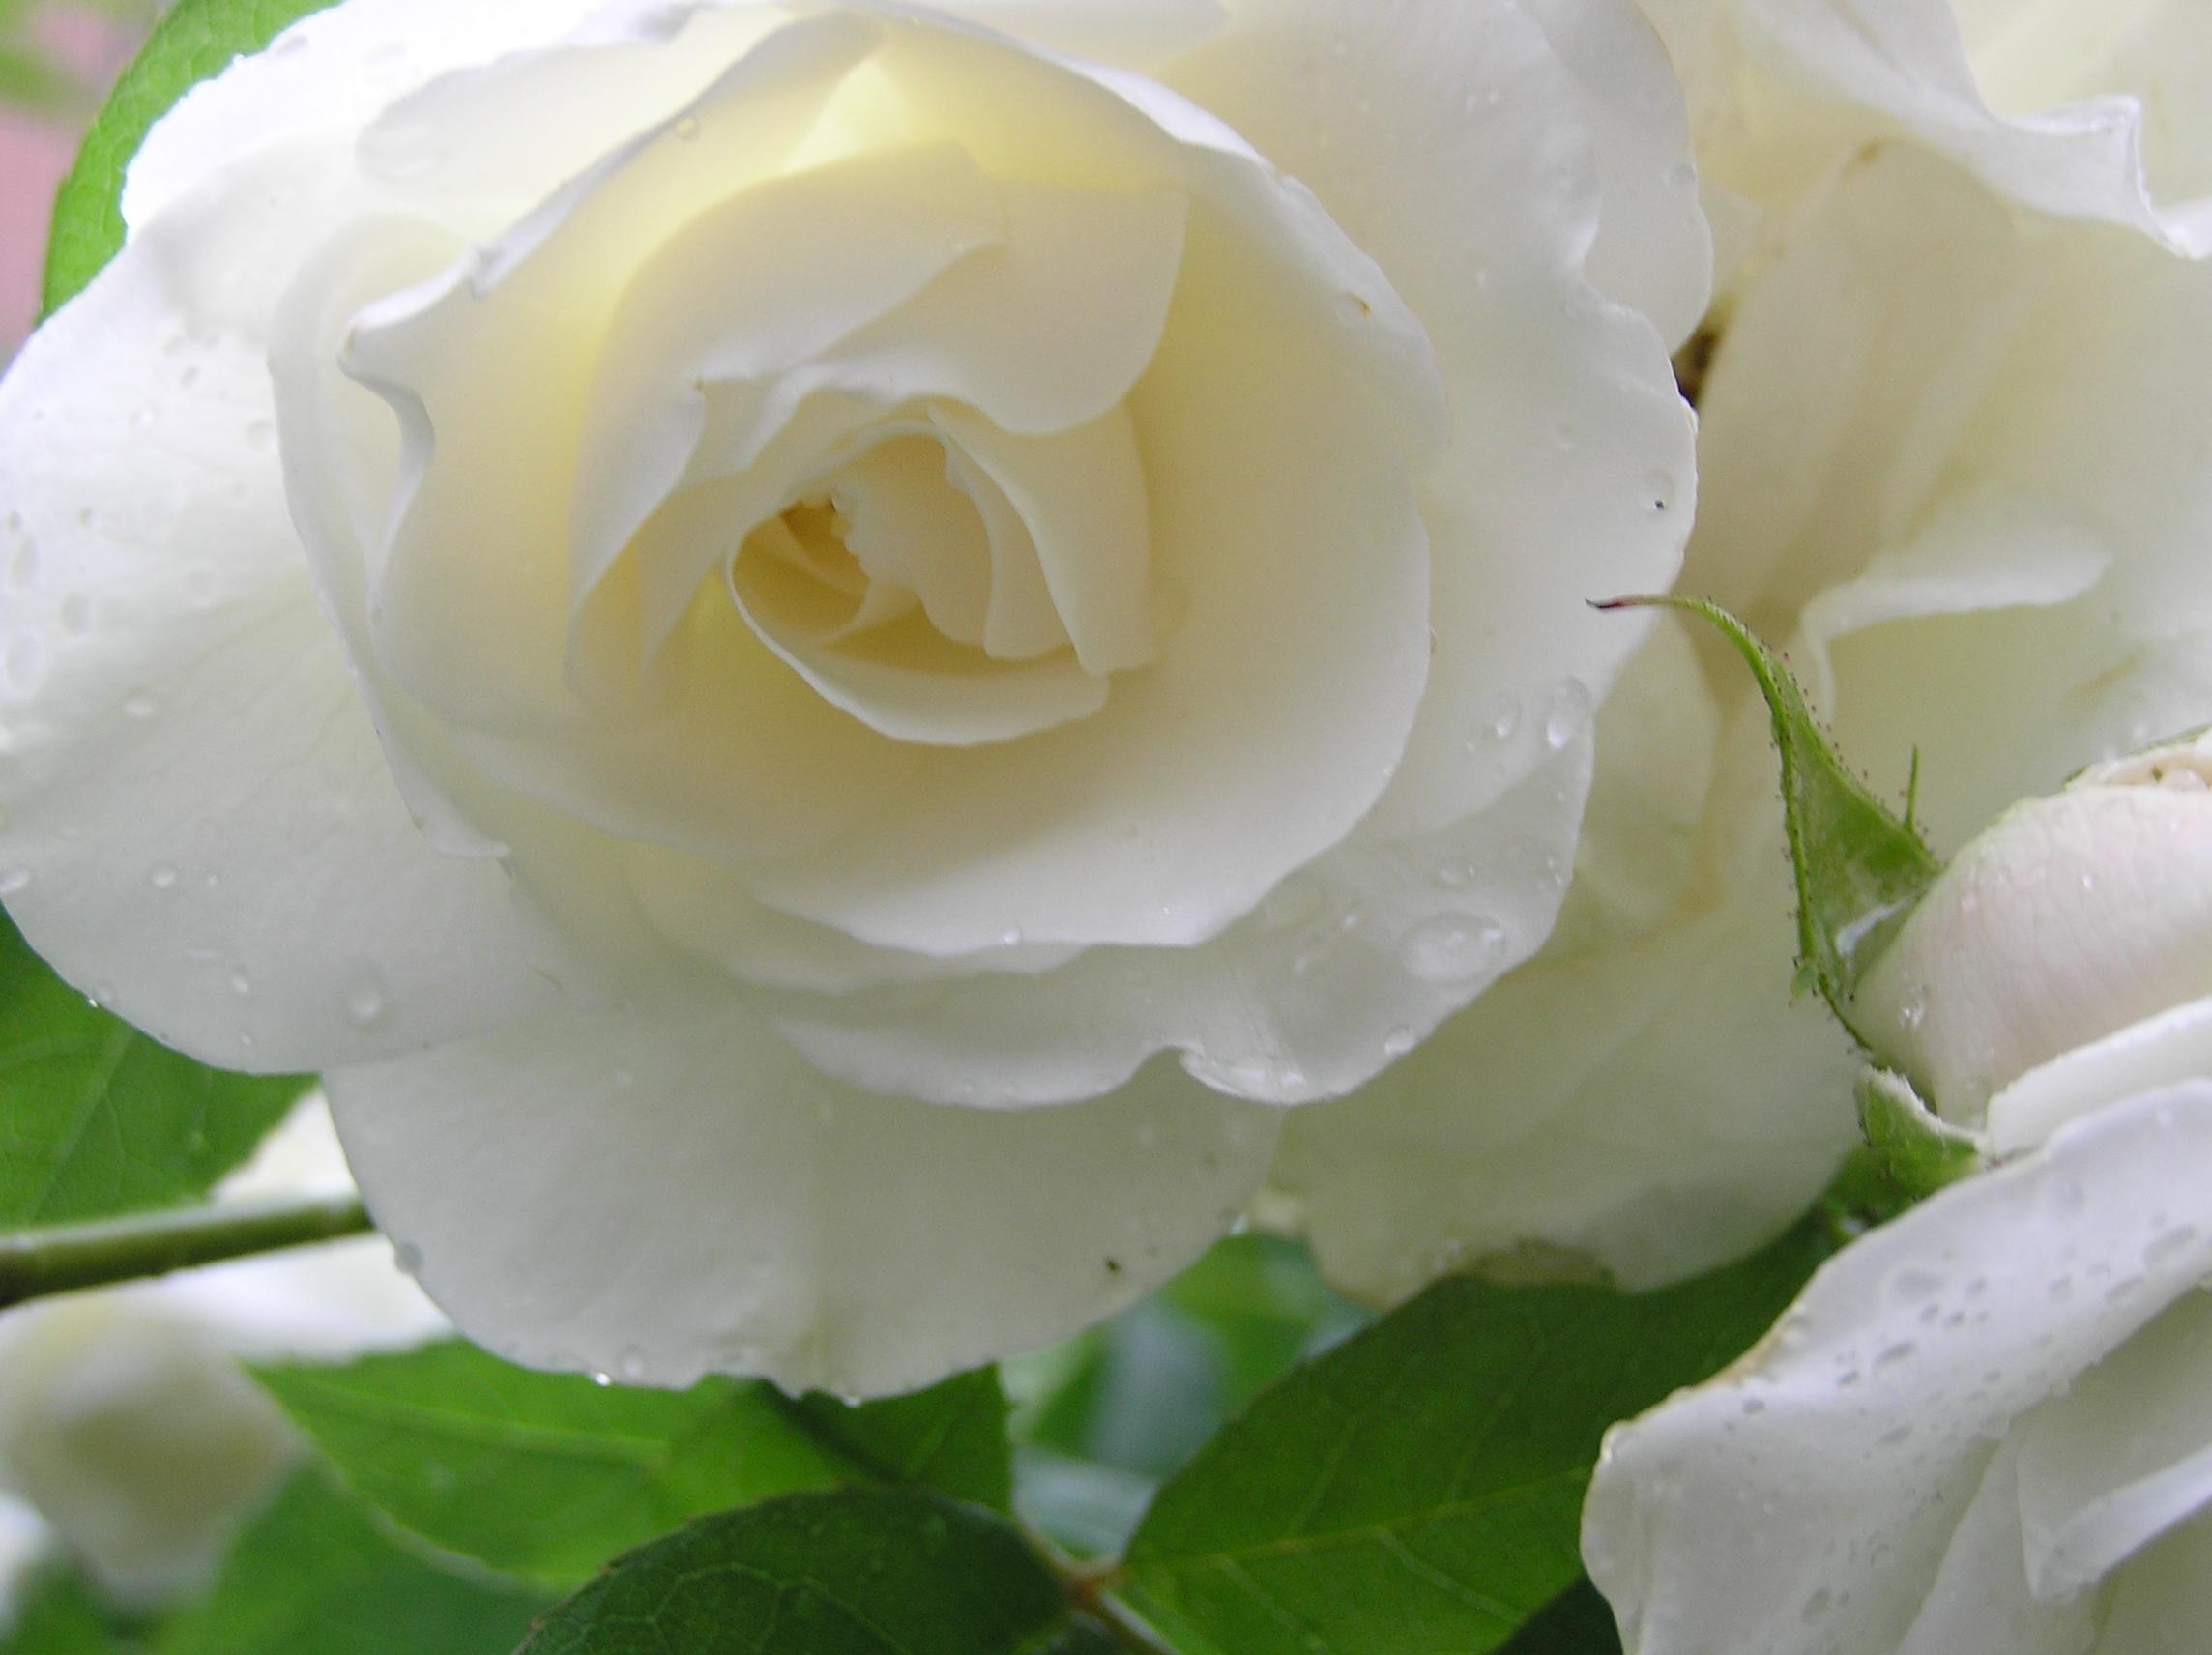 White Rose Like Flower 18 Cool Wallpaper Hdflowerwallpaper